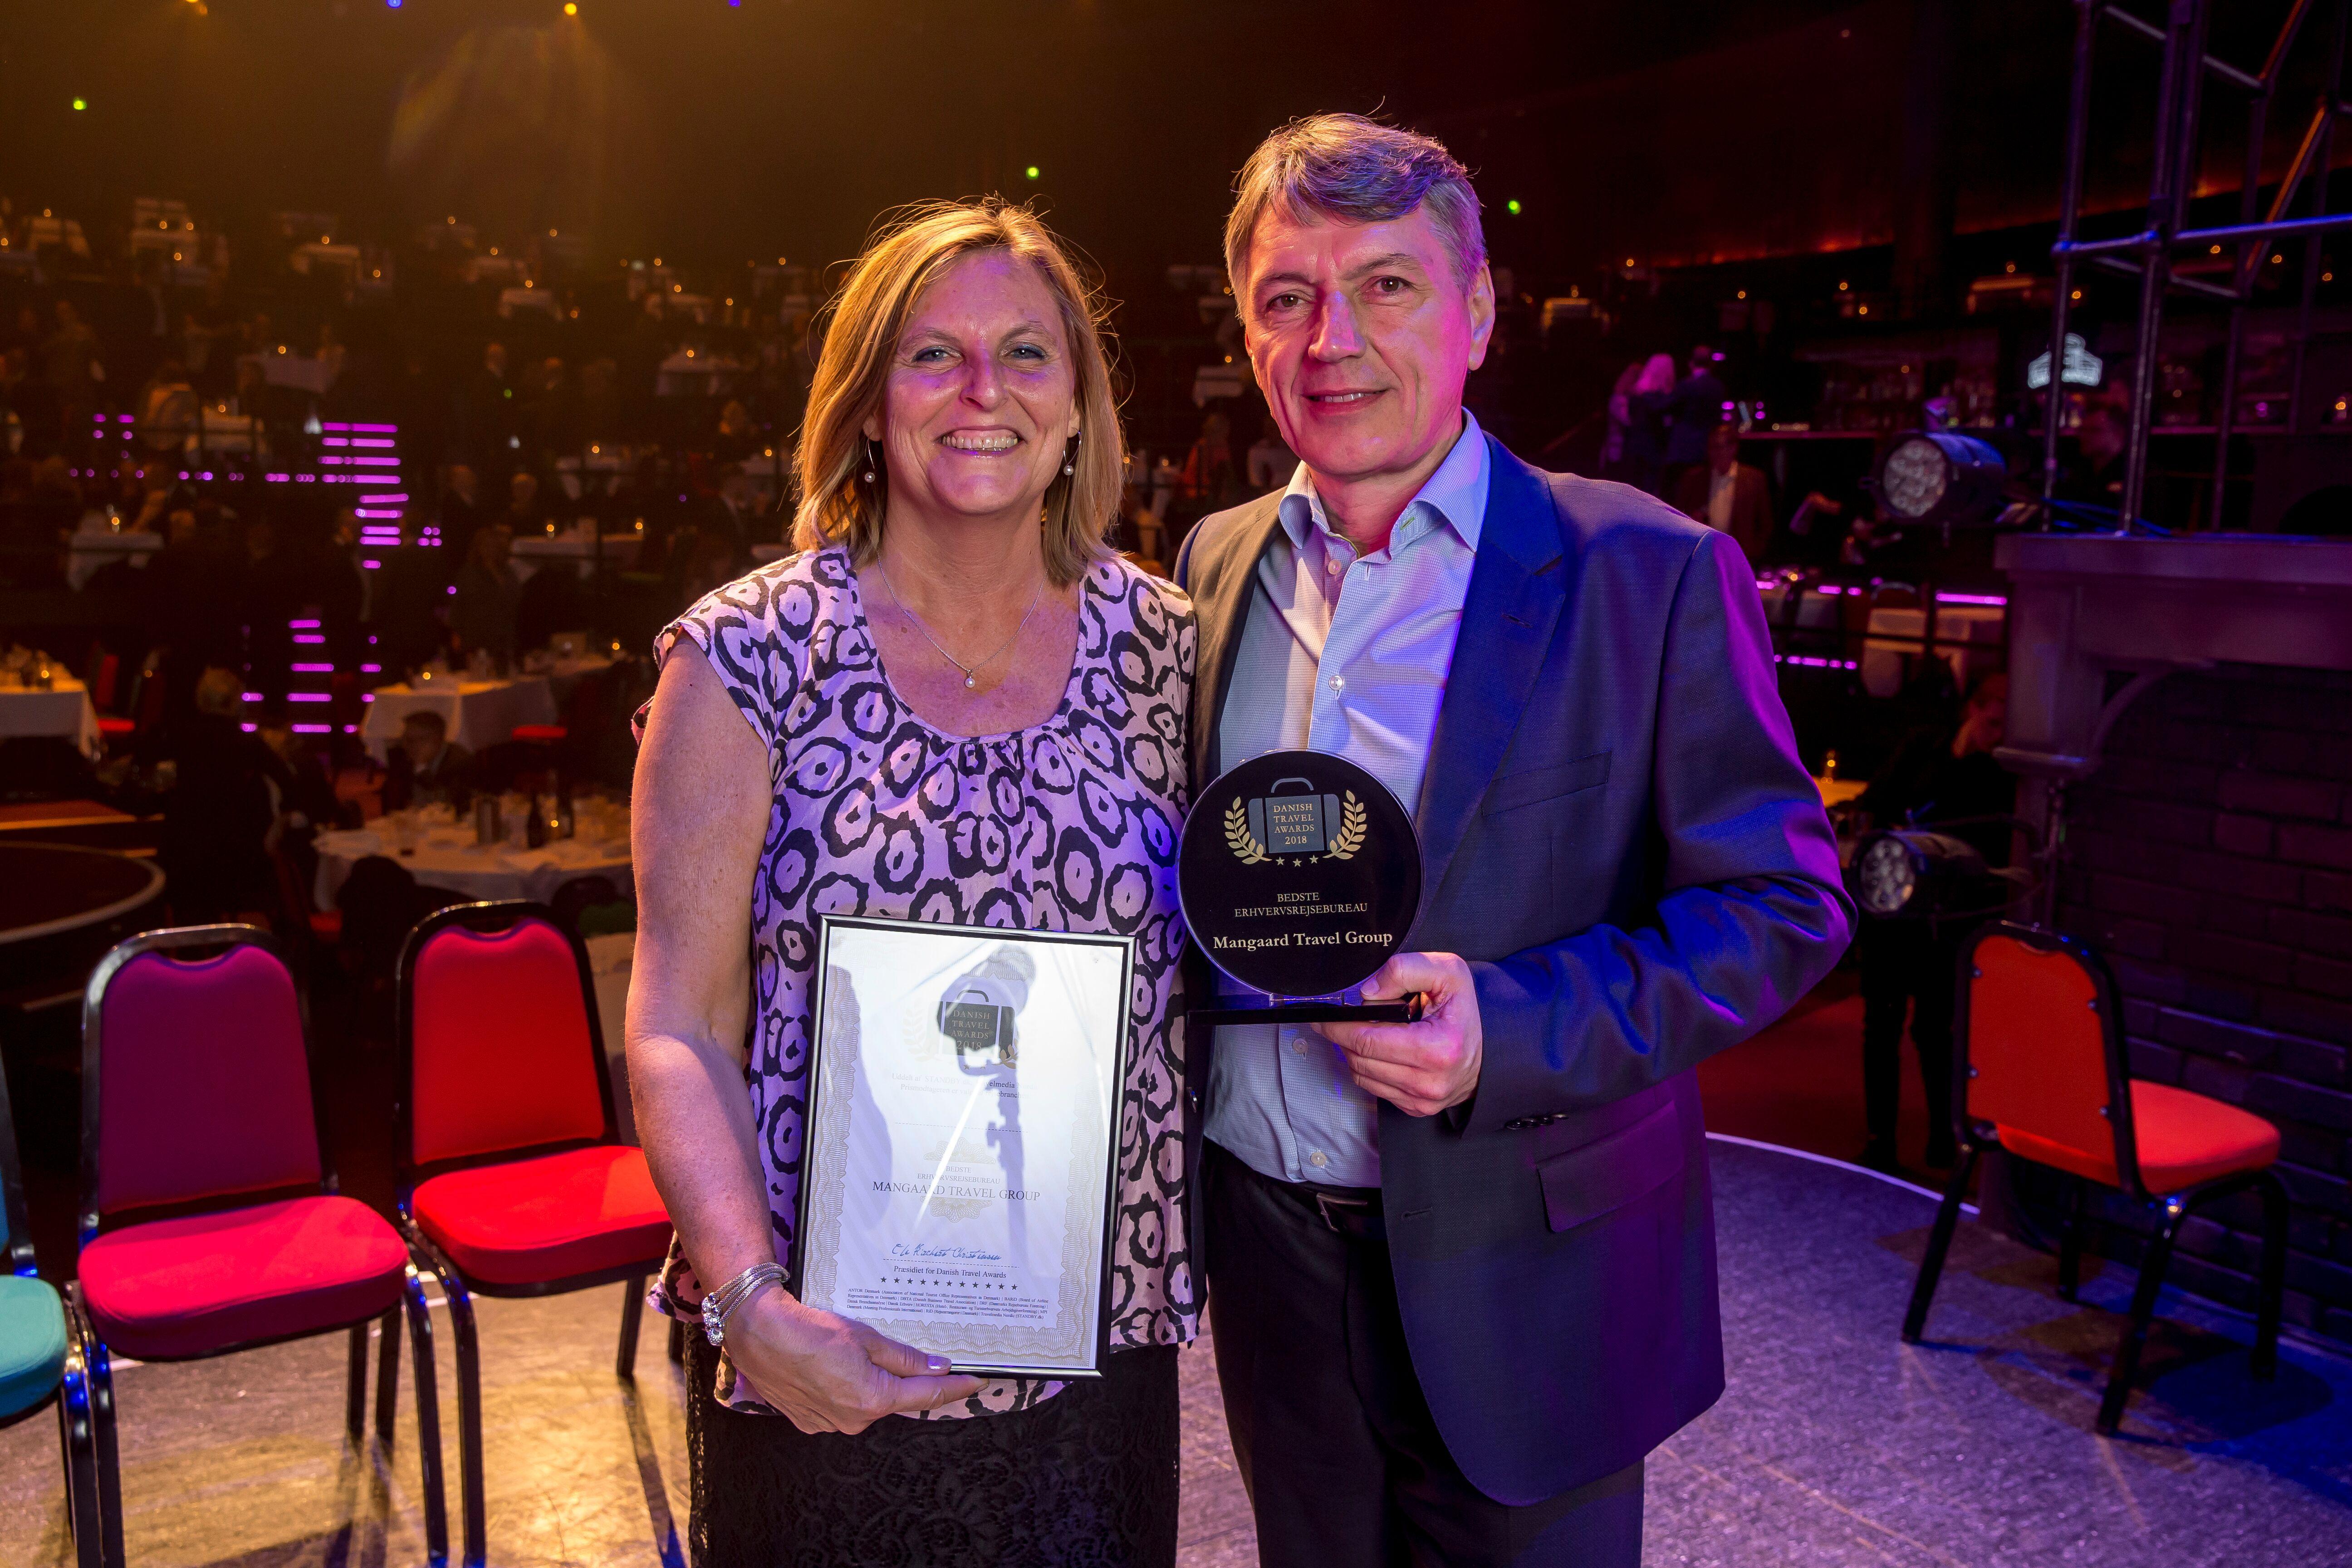 Hans Mangaard med en af sine nærmeste medarbejdere, rejsekonsulent Jennie Clinton, da Mangaard Travel Group sidste år modtog Danish Travel Award-prisen som Bedste Erhvervsrejsebureau. Foto: Michael Stub.